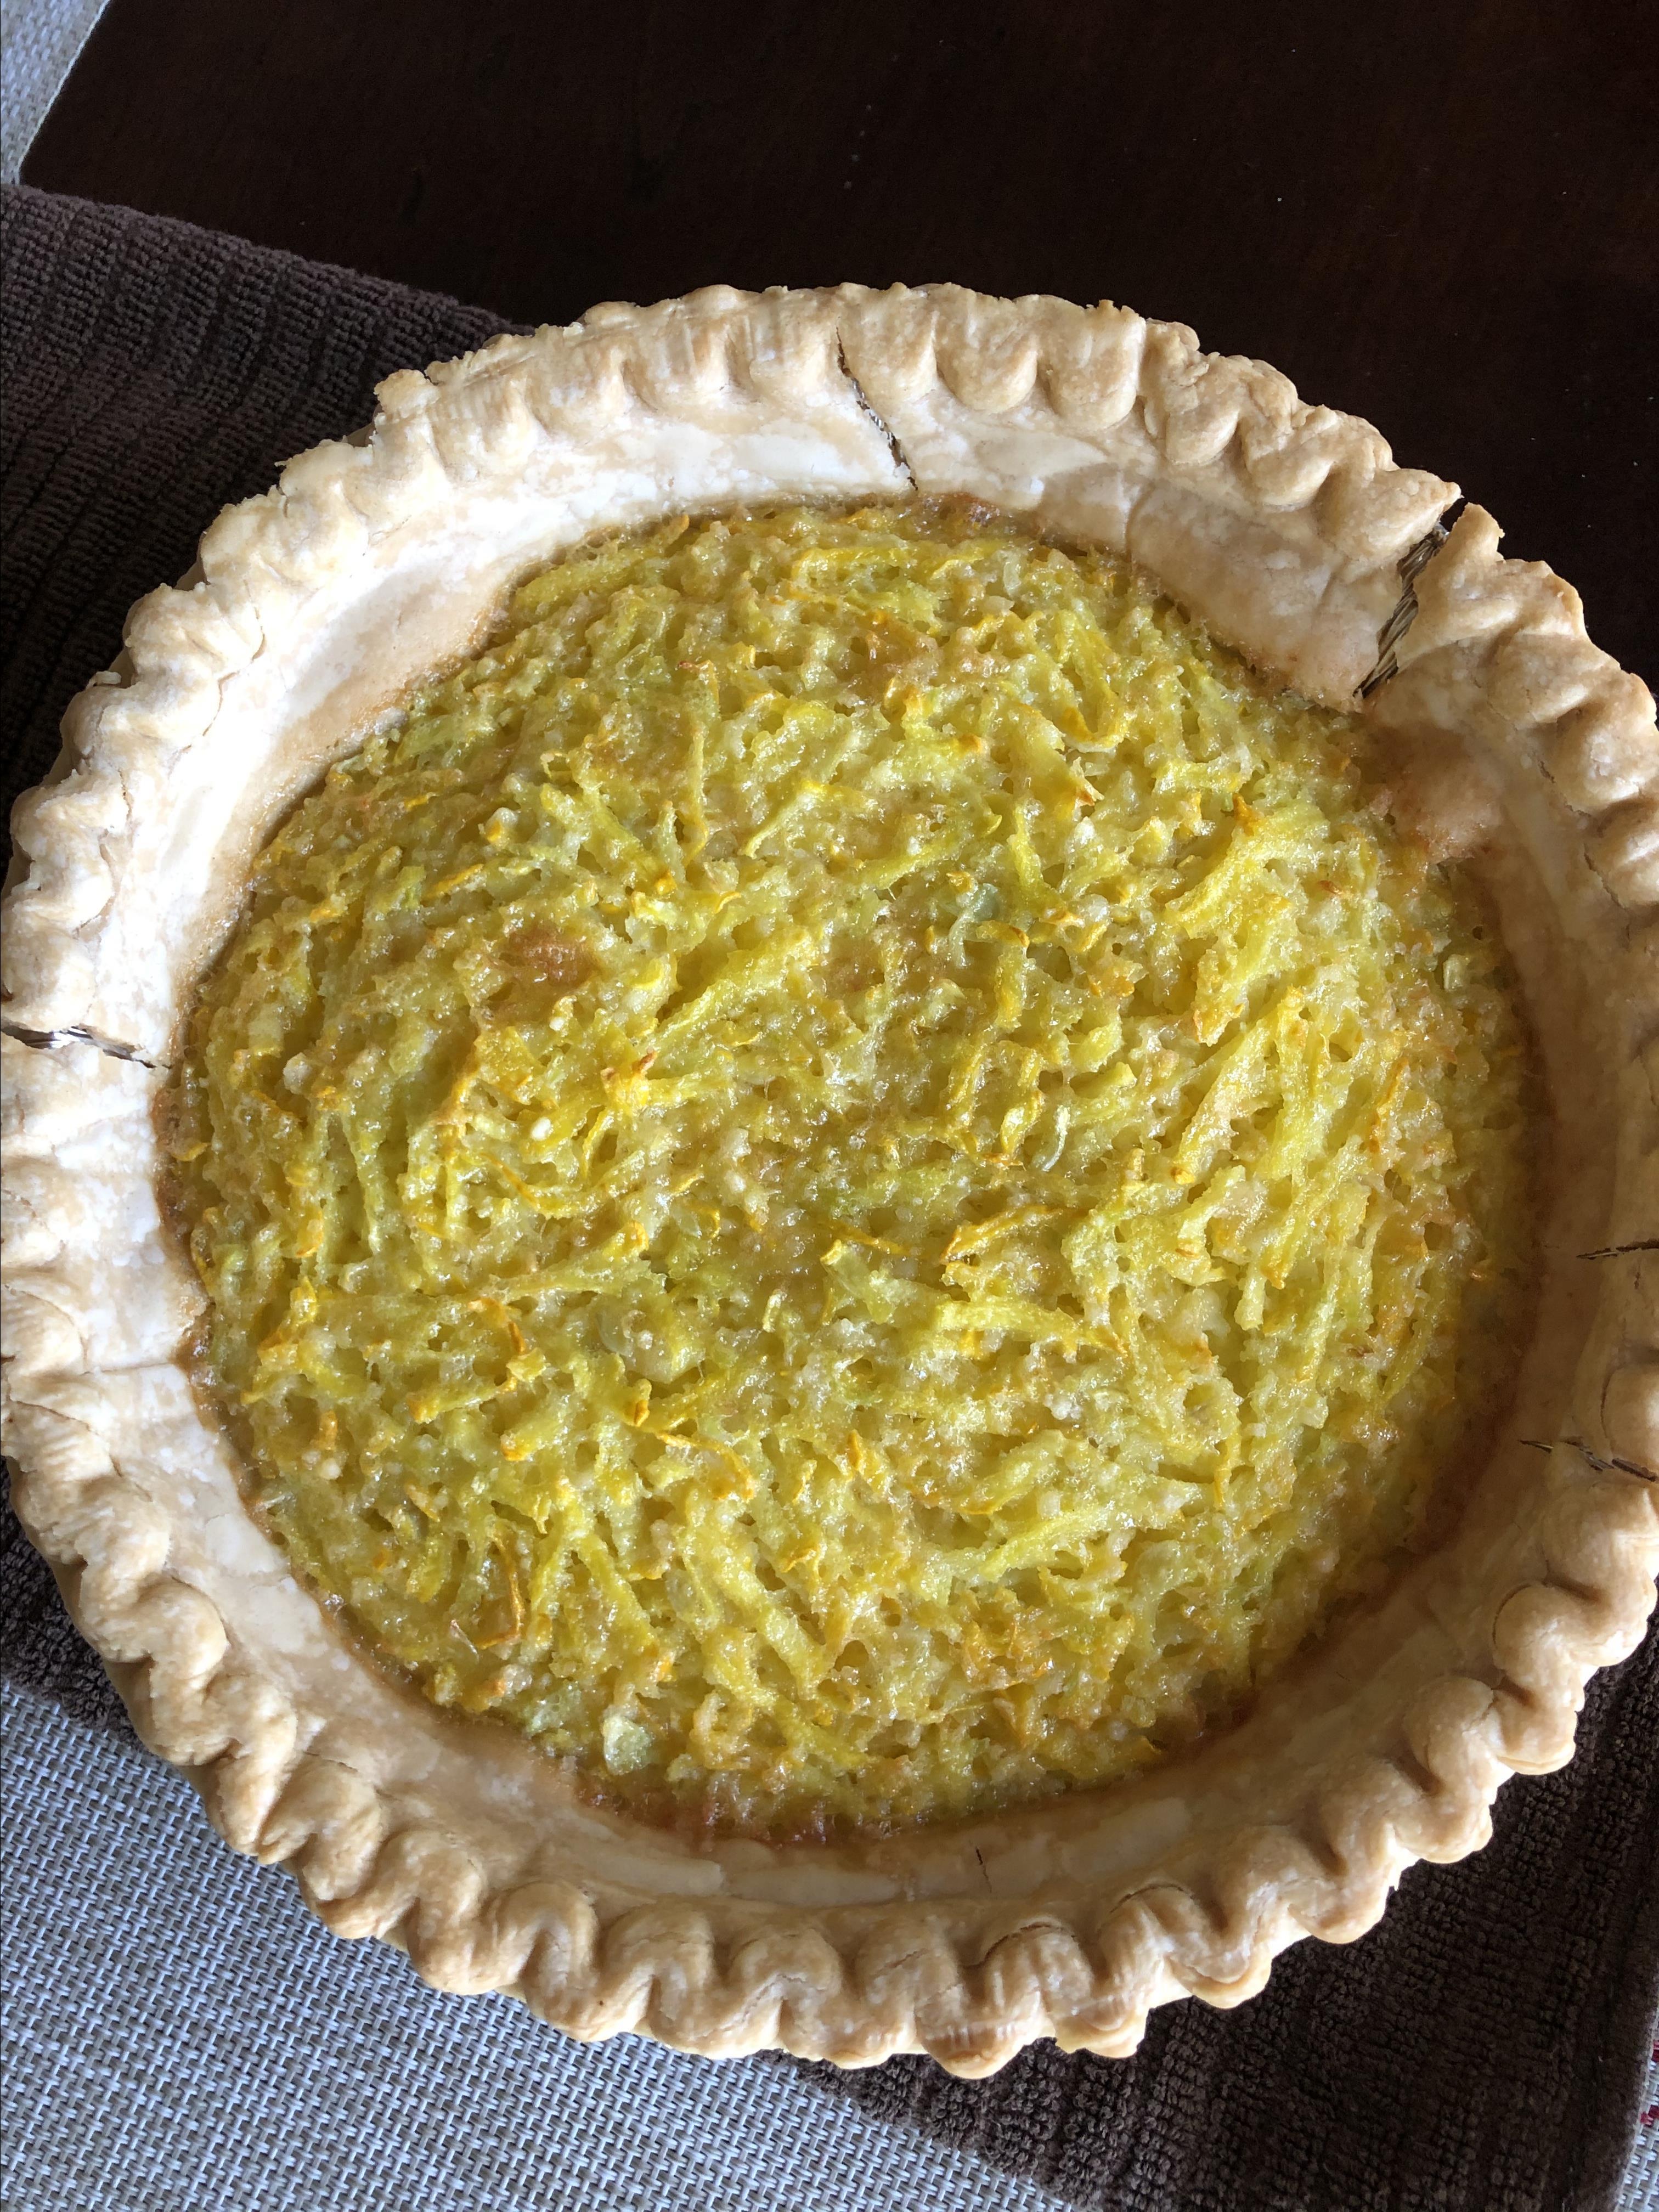 Squashed Lemon Coconut Pie Amy Lawler